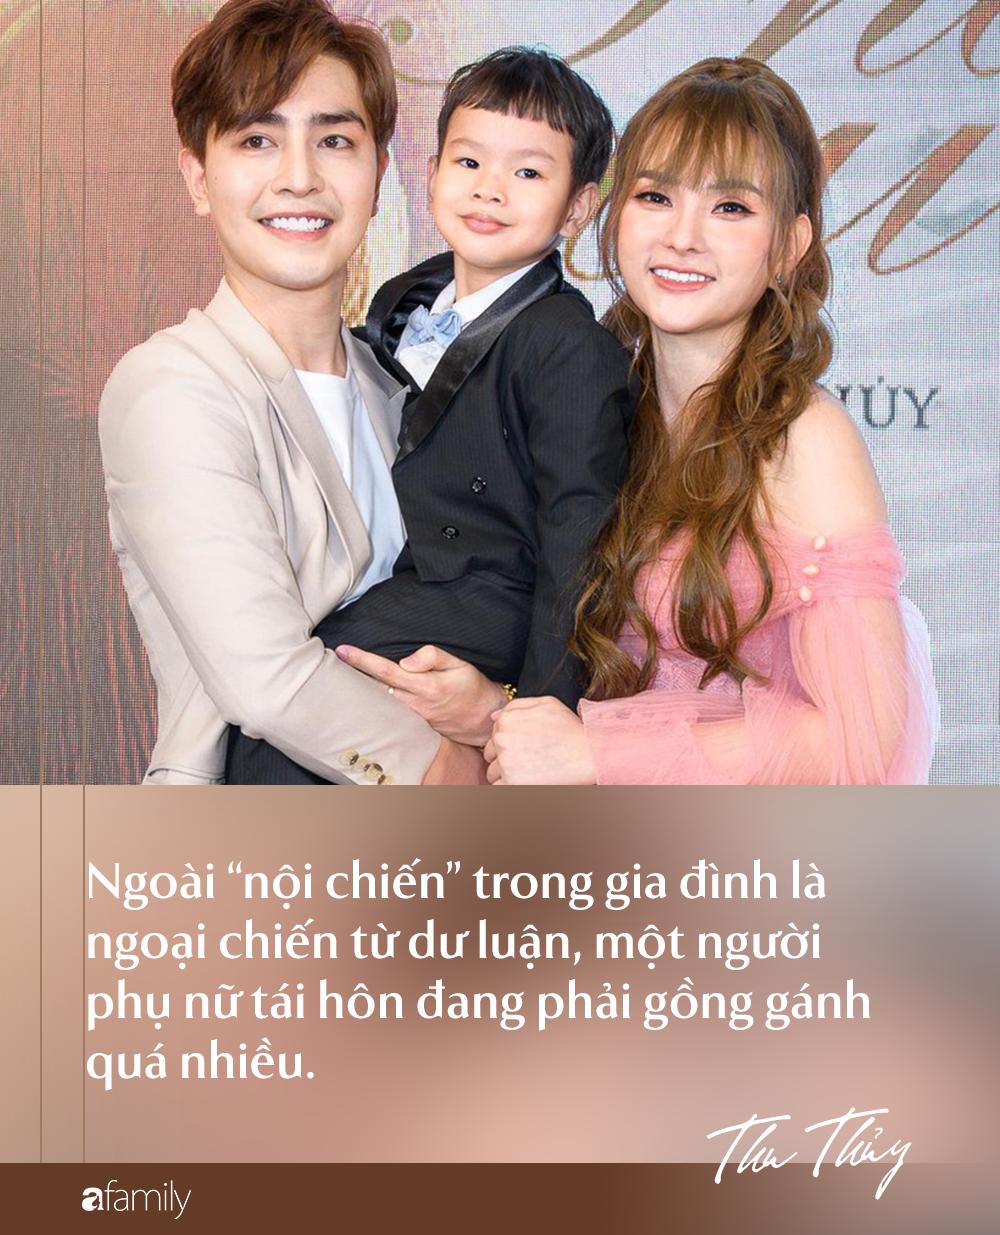 Từ chuyện chồng trẻ Kin Nguyễn cấu tay con Thu Thủy: Đàn bà có con riêng tái hôn không chỉ là chuyện chọn chồng-2